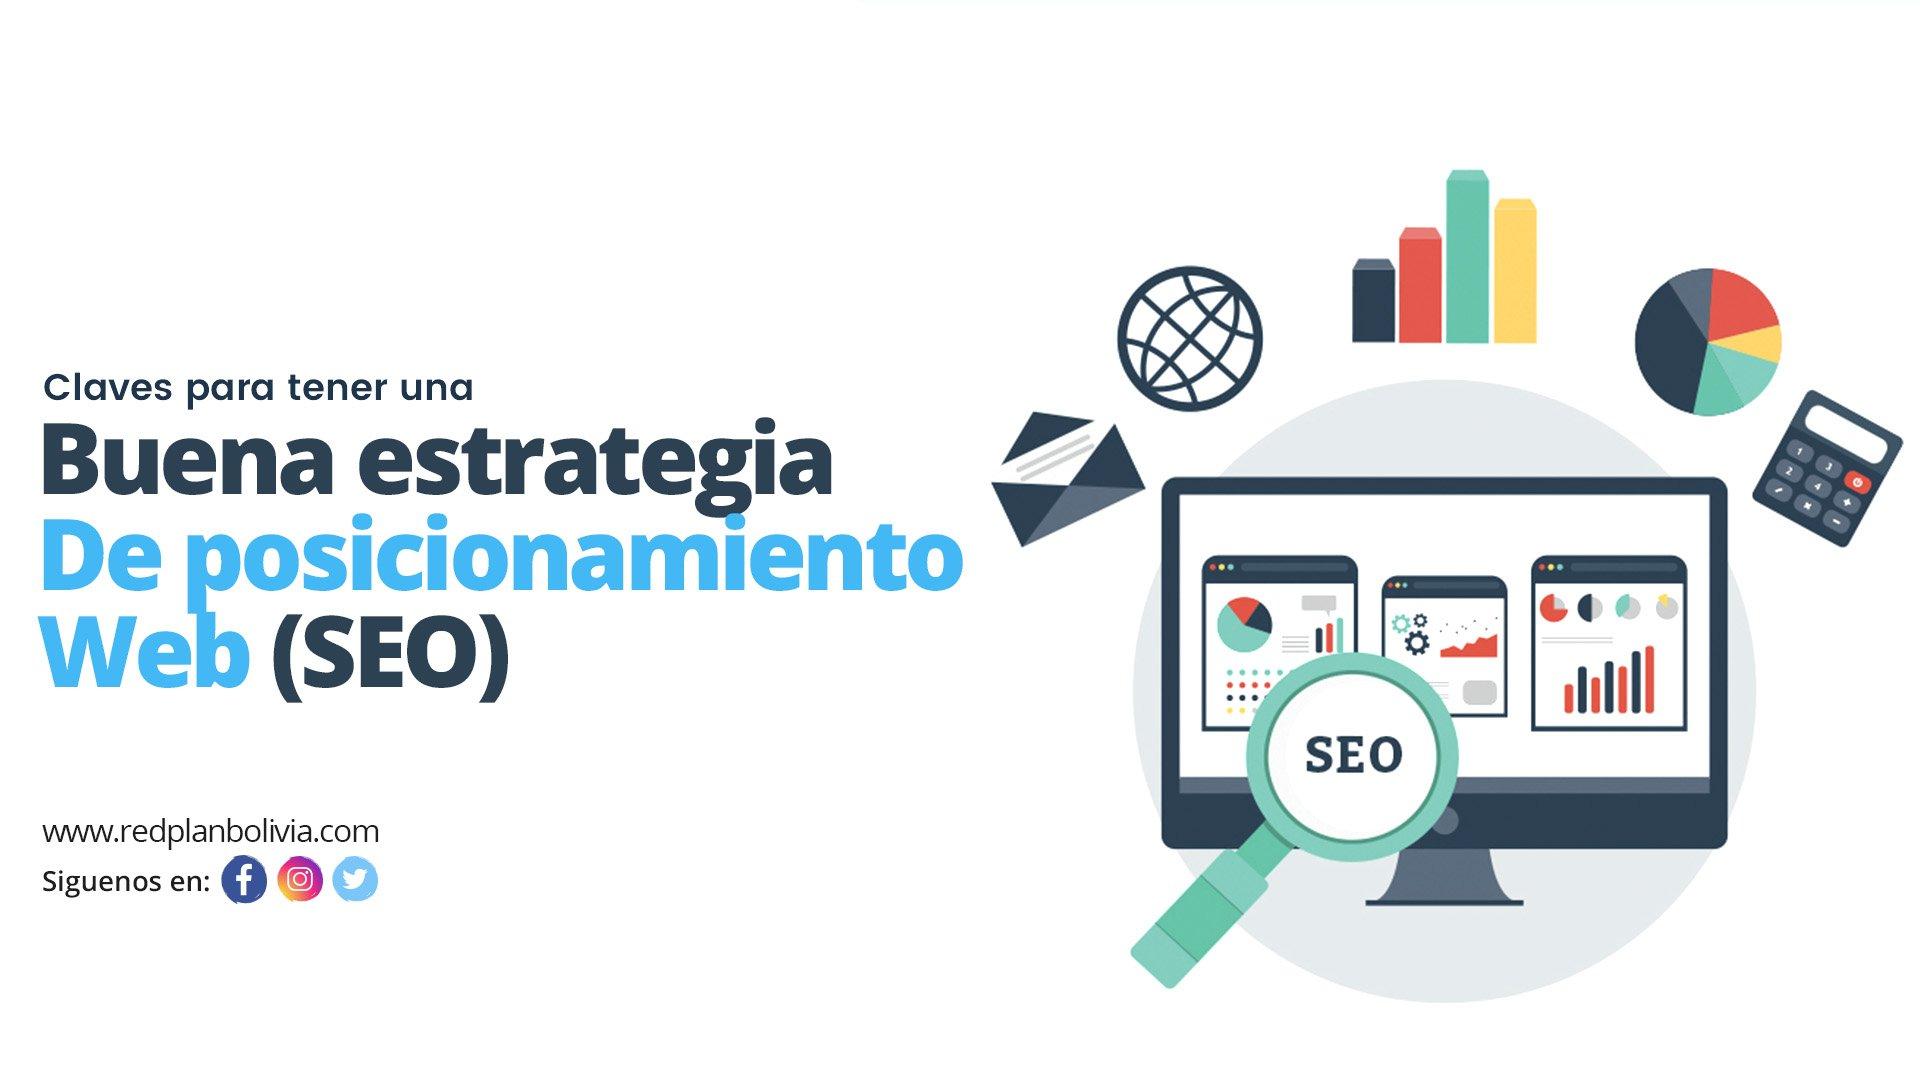 Claves para tener una buena estrategia de posicionamiento web (SEO)